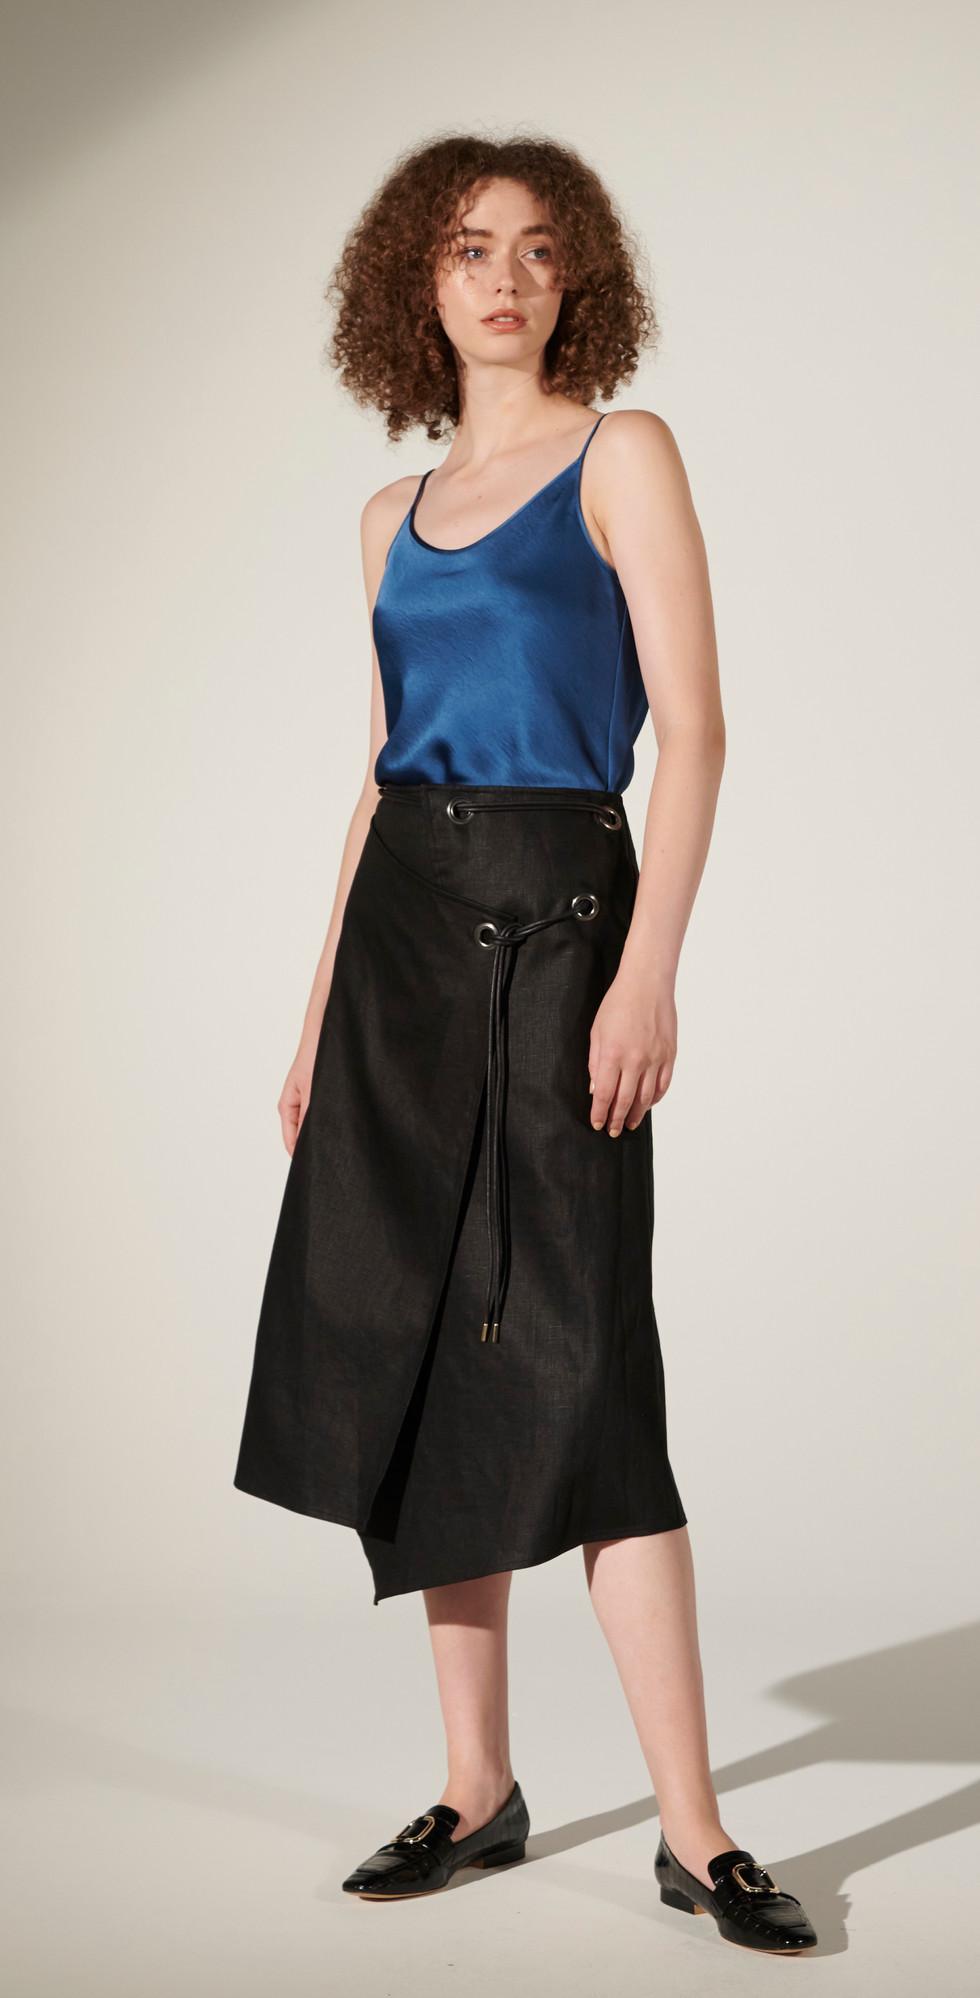 tops refarence product skirt R8K-49-6441BL